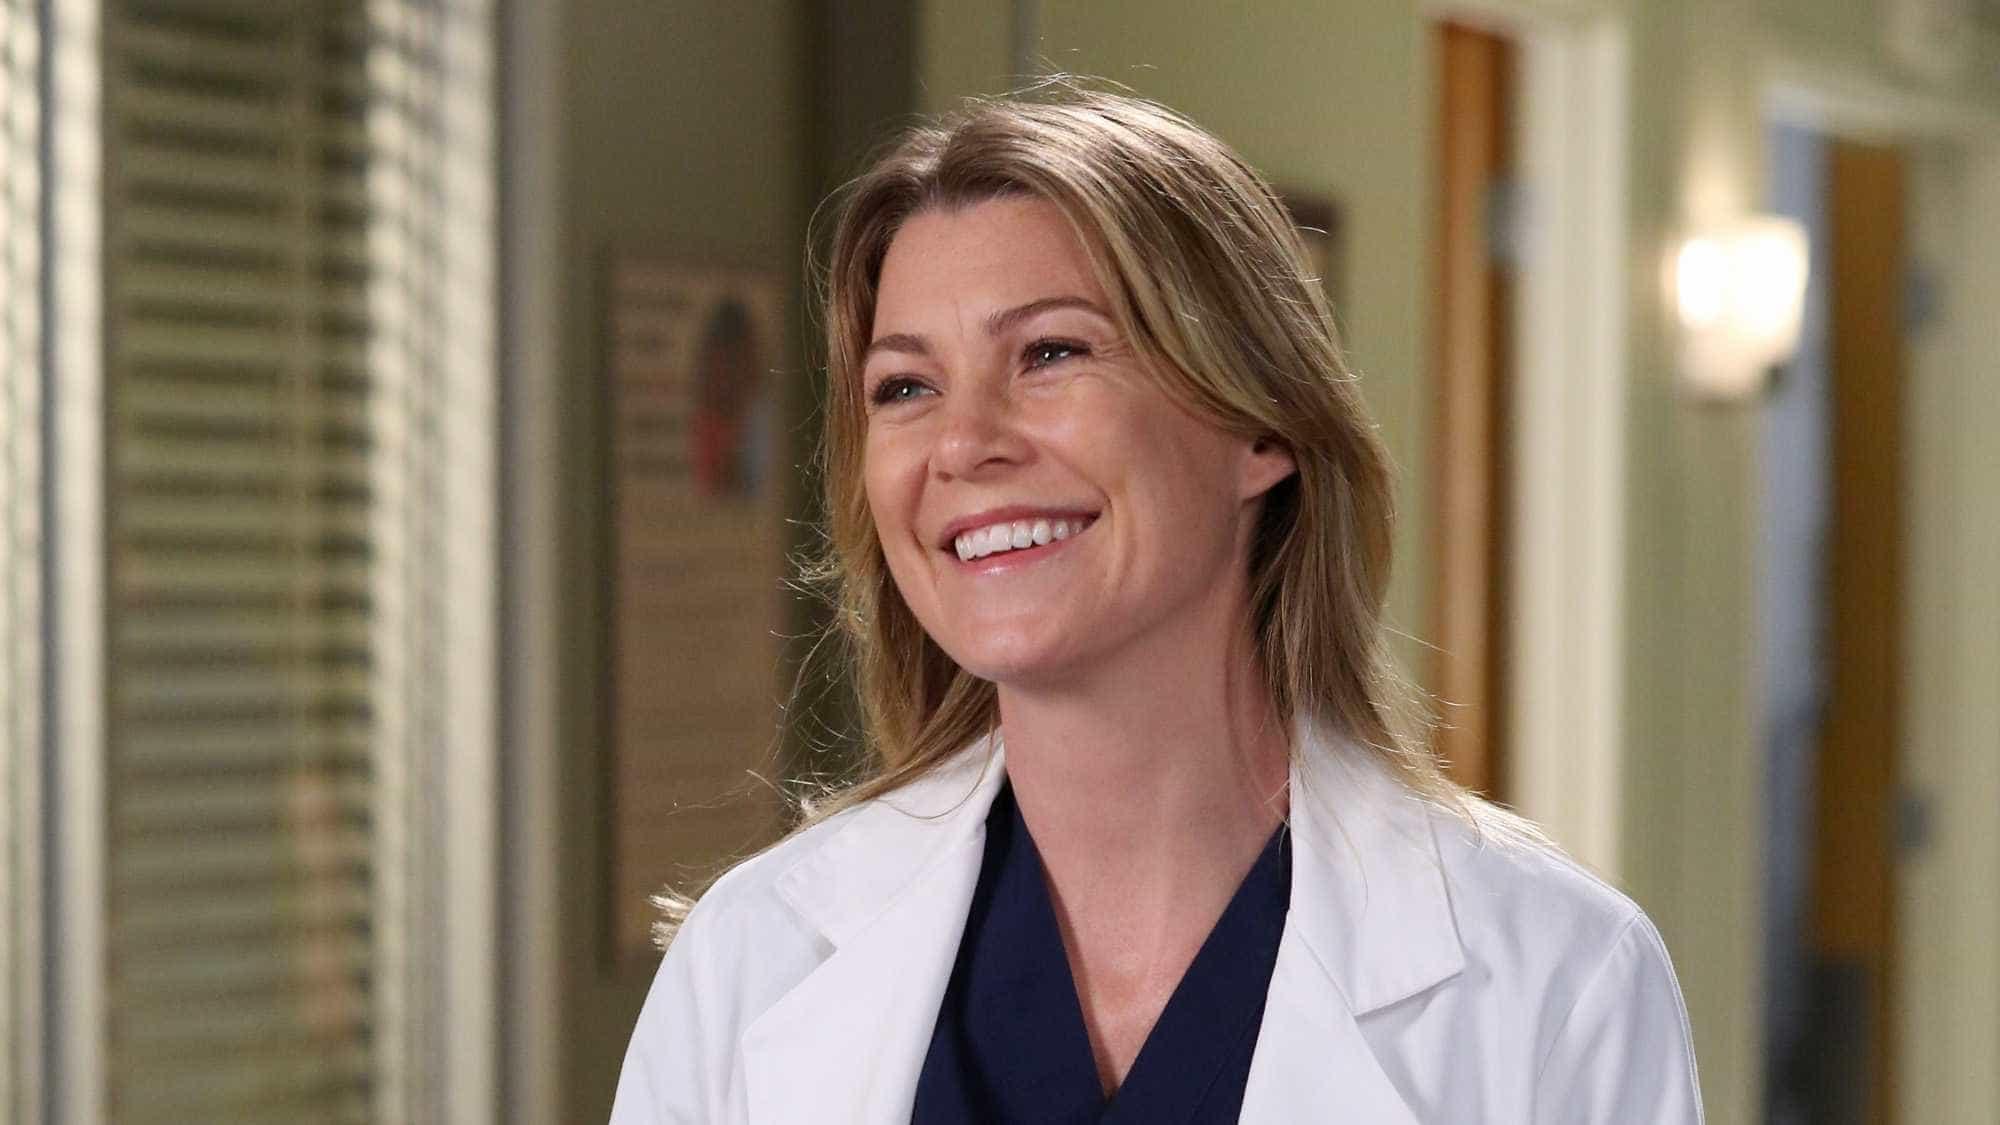 Fim de uma era? Atriz de 'Grey's Anatomy' dá pistas sobre fim da série